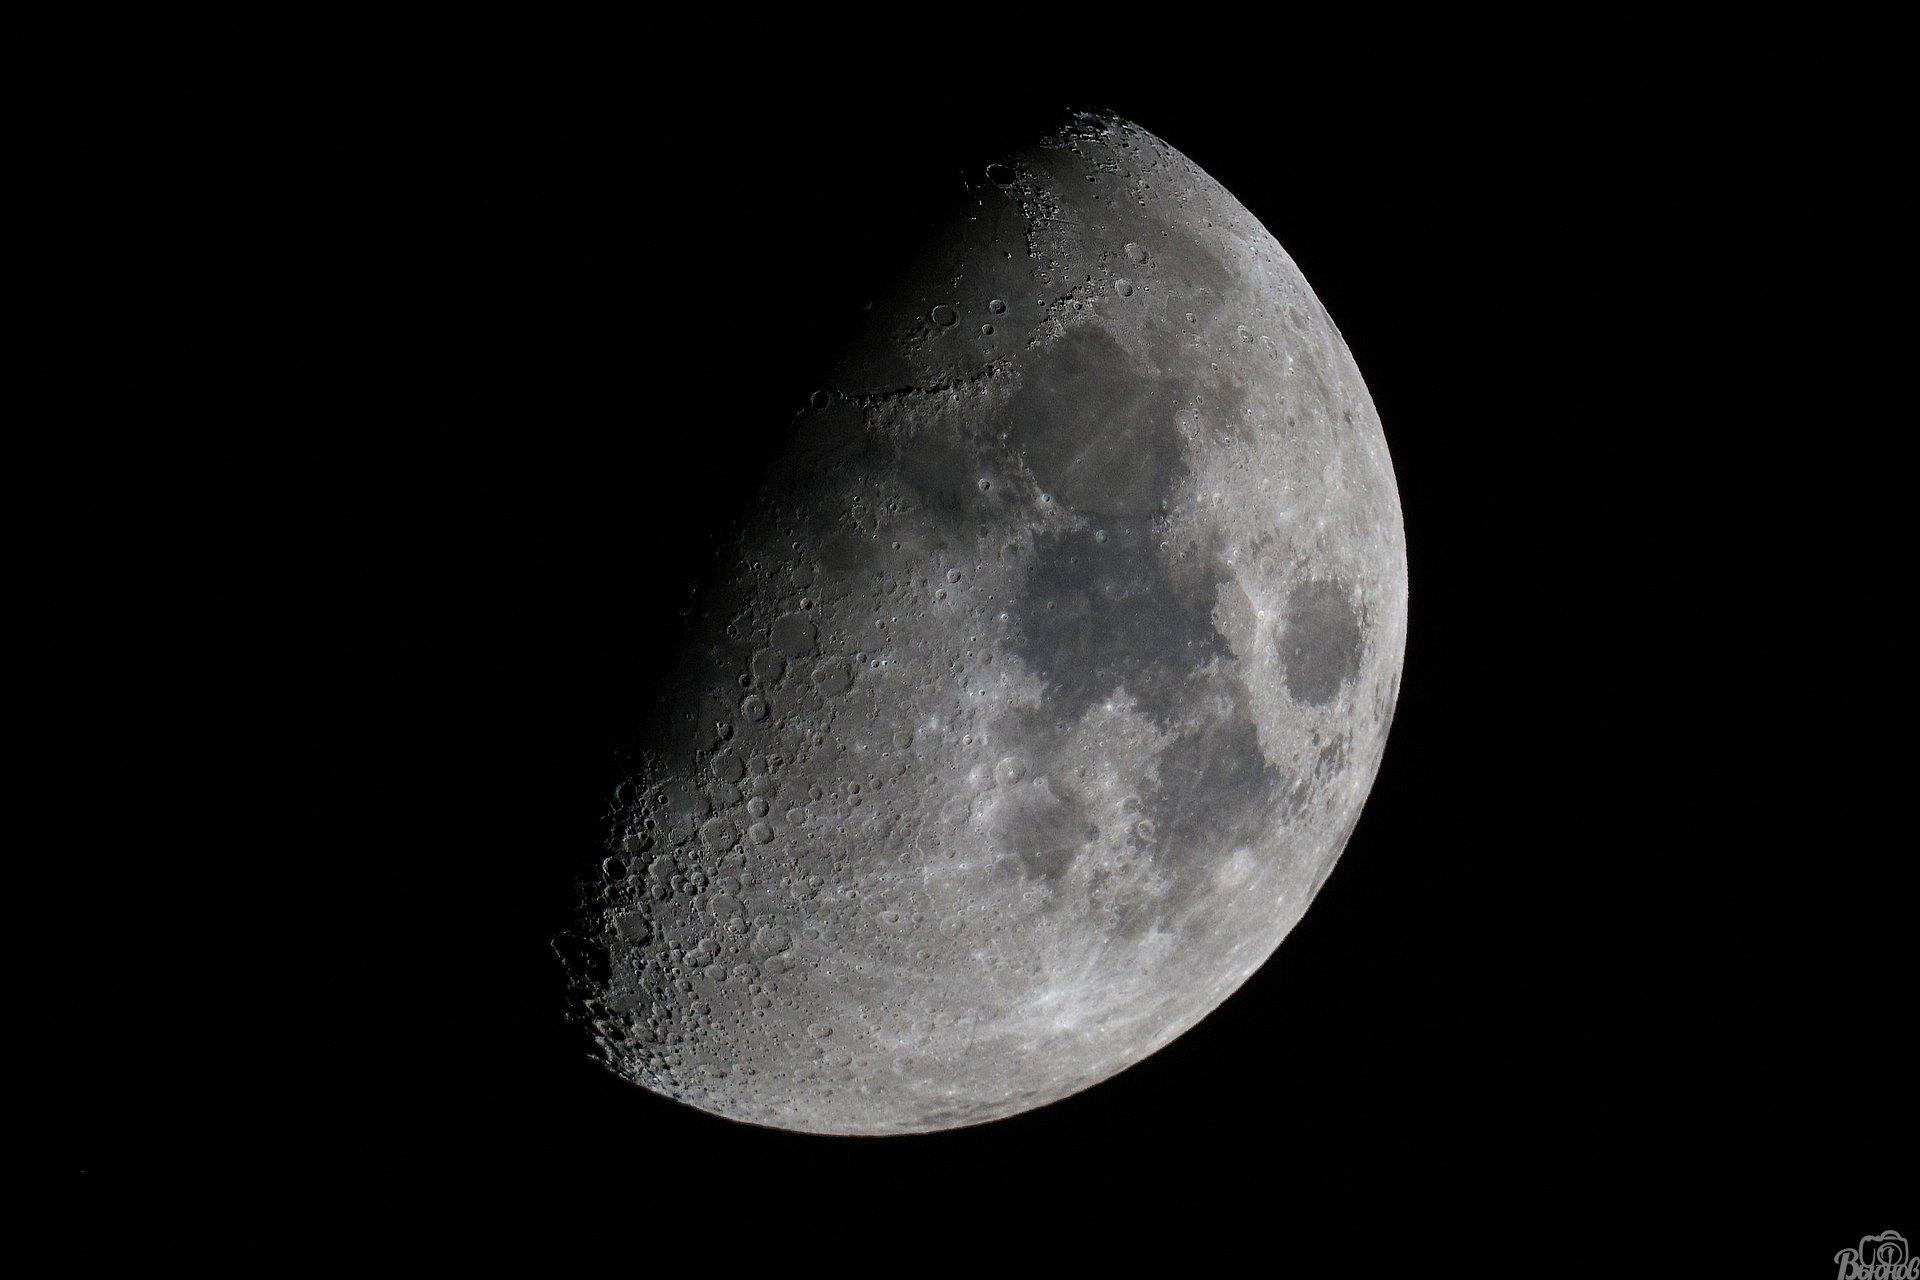 луна,астро,астрофото,астрофотография, Вьюнов Сергей